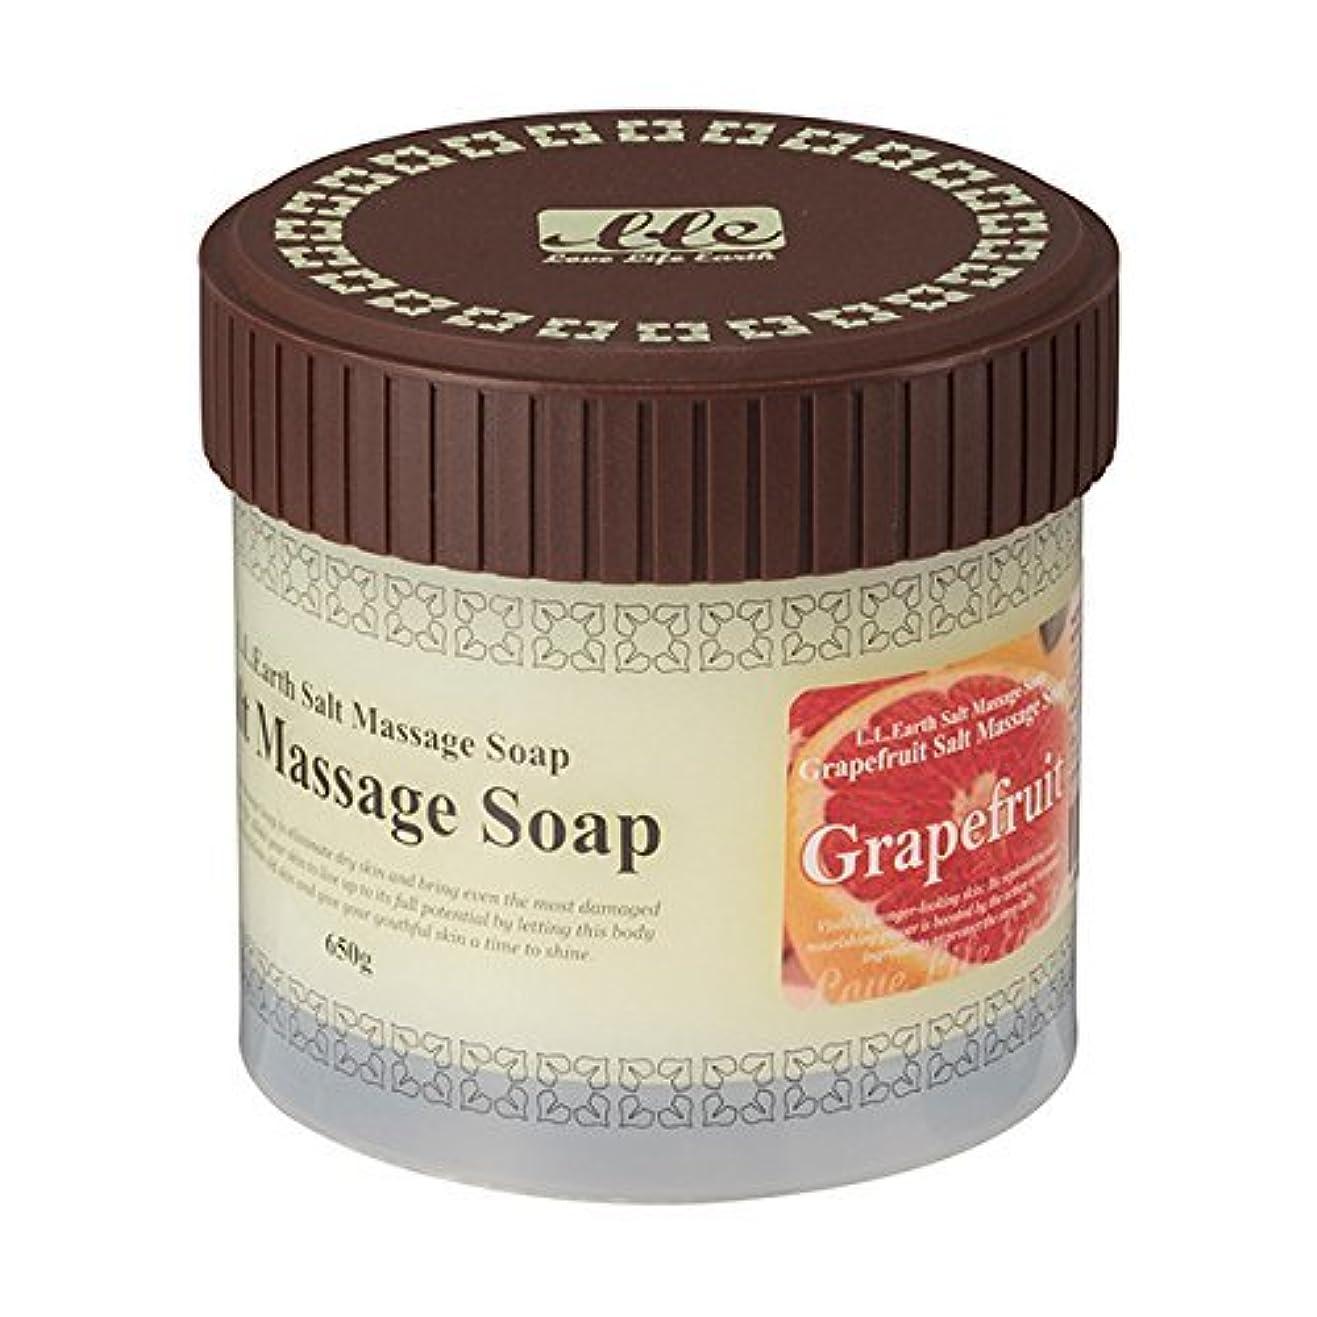 LLE 業務用 ソルトマッサージソープ 650g [選べる香り5種類] ( ボディ用 スクラブ ) グレープフルーツ